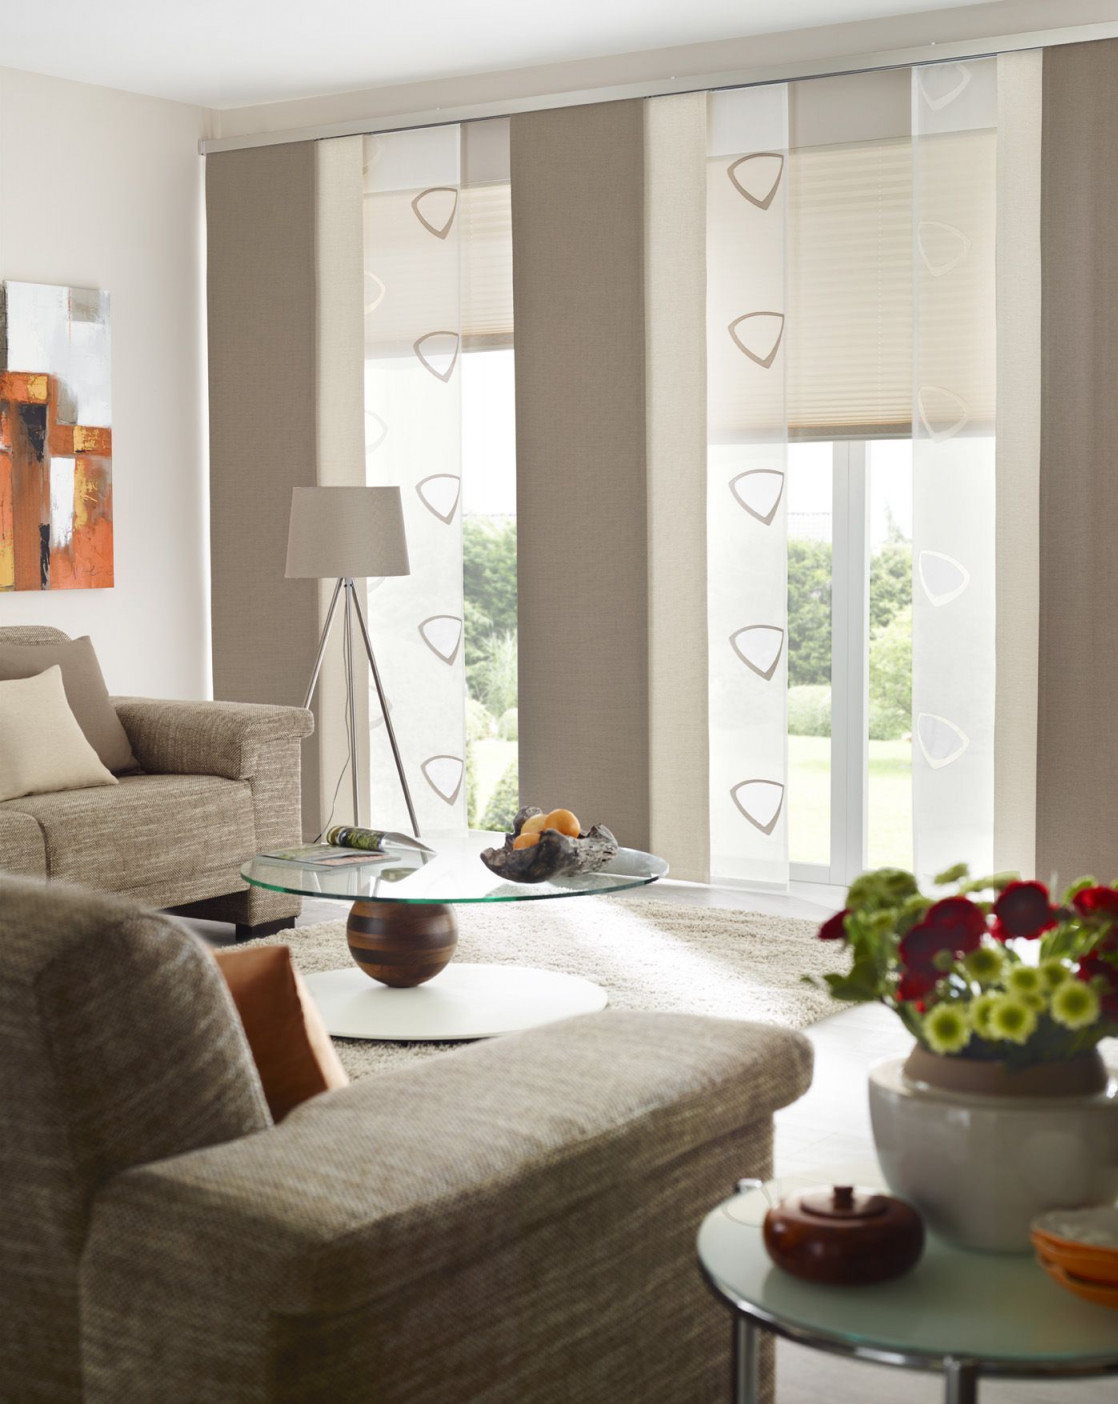 Fenster Urbansteel Gardinen Dekostoffe Vorhang von Gardinen Wohnzimmer Ideen Bild